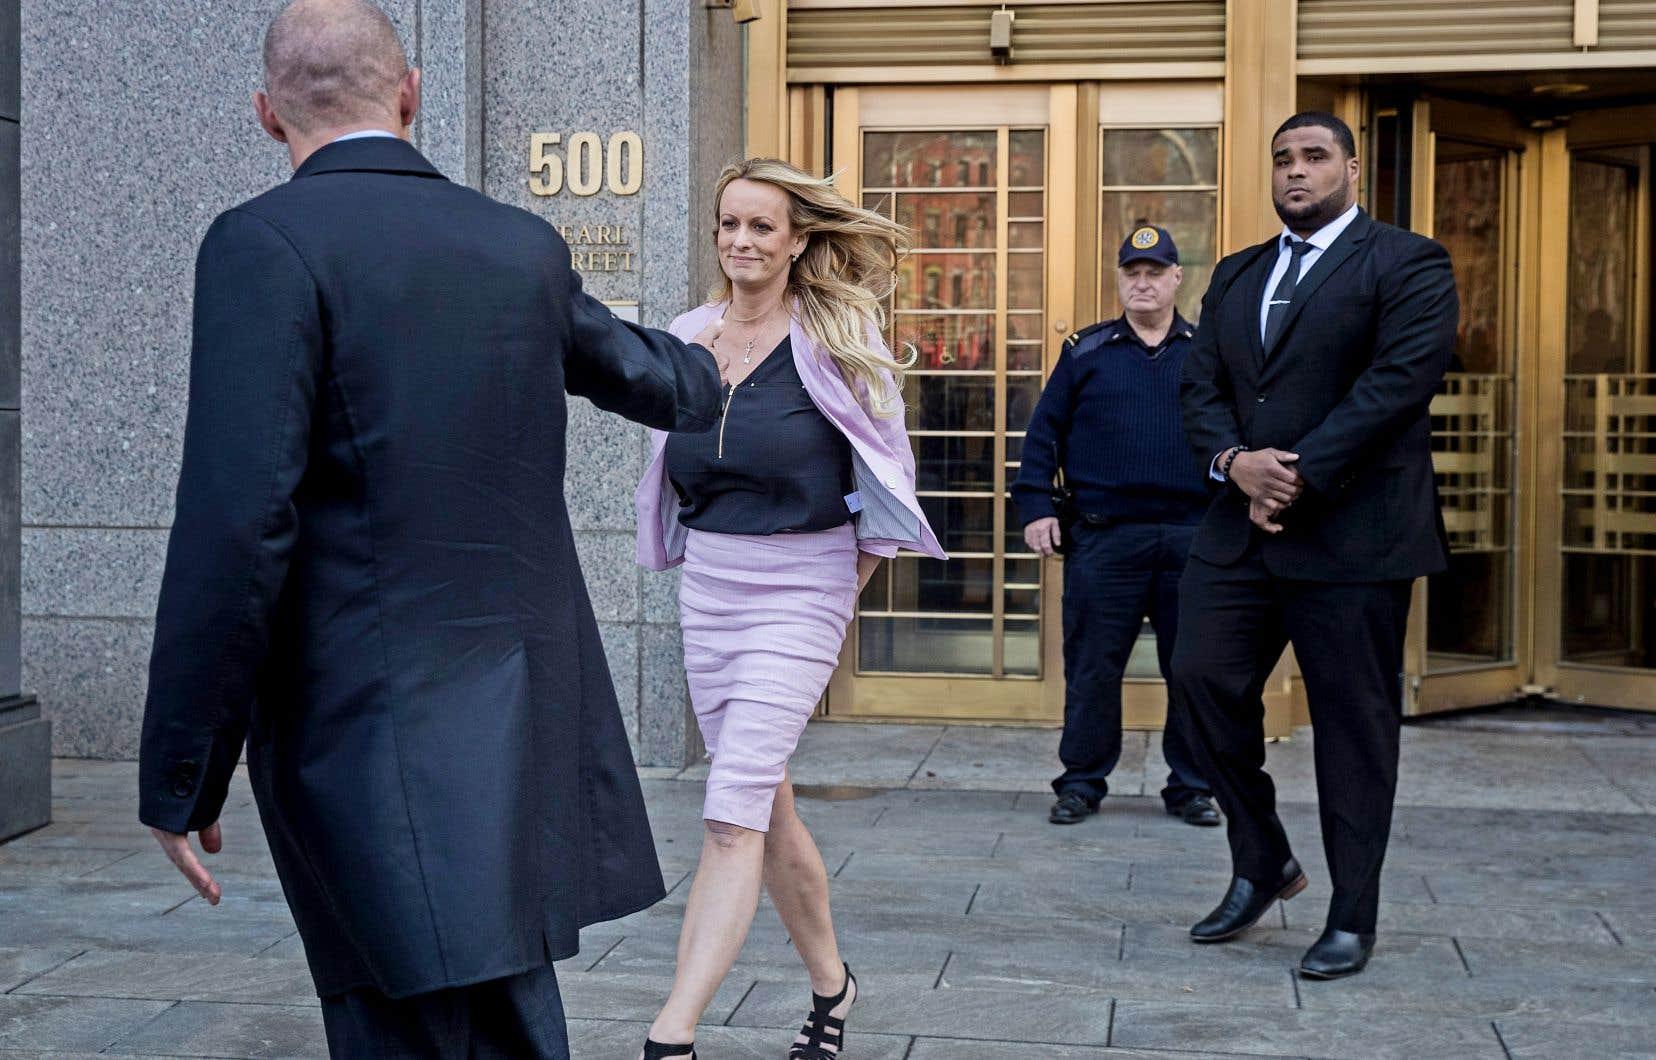 L'actrice de films pour adultes Stormy Daniels — Stephanie Clifford — a quitté de façon remarquée le tribunal fédéral de Manhattan, accompagnée de son avocat, Michael Avenatti (à gauche).